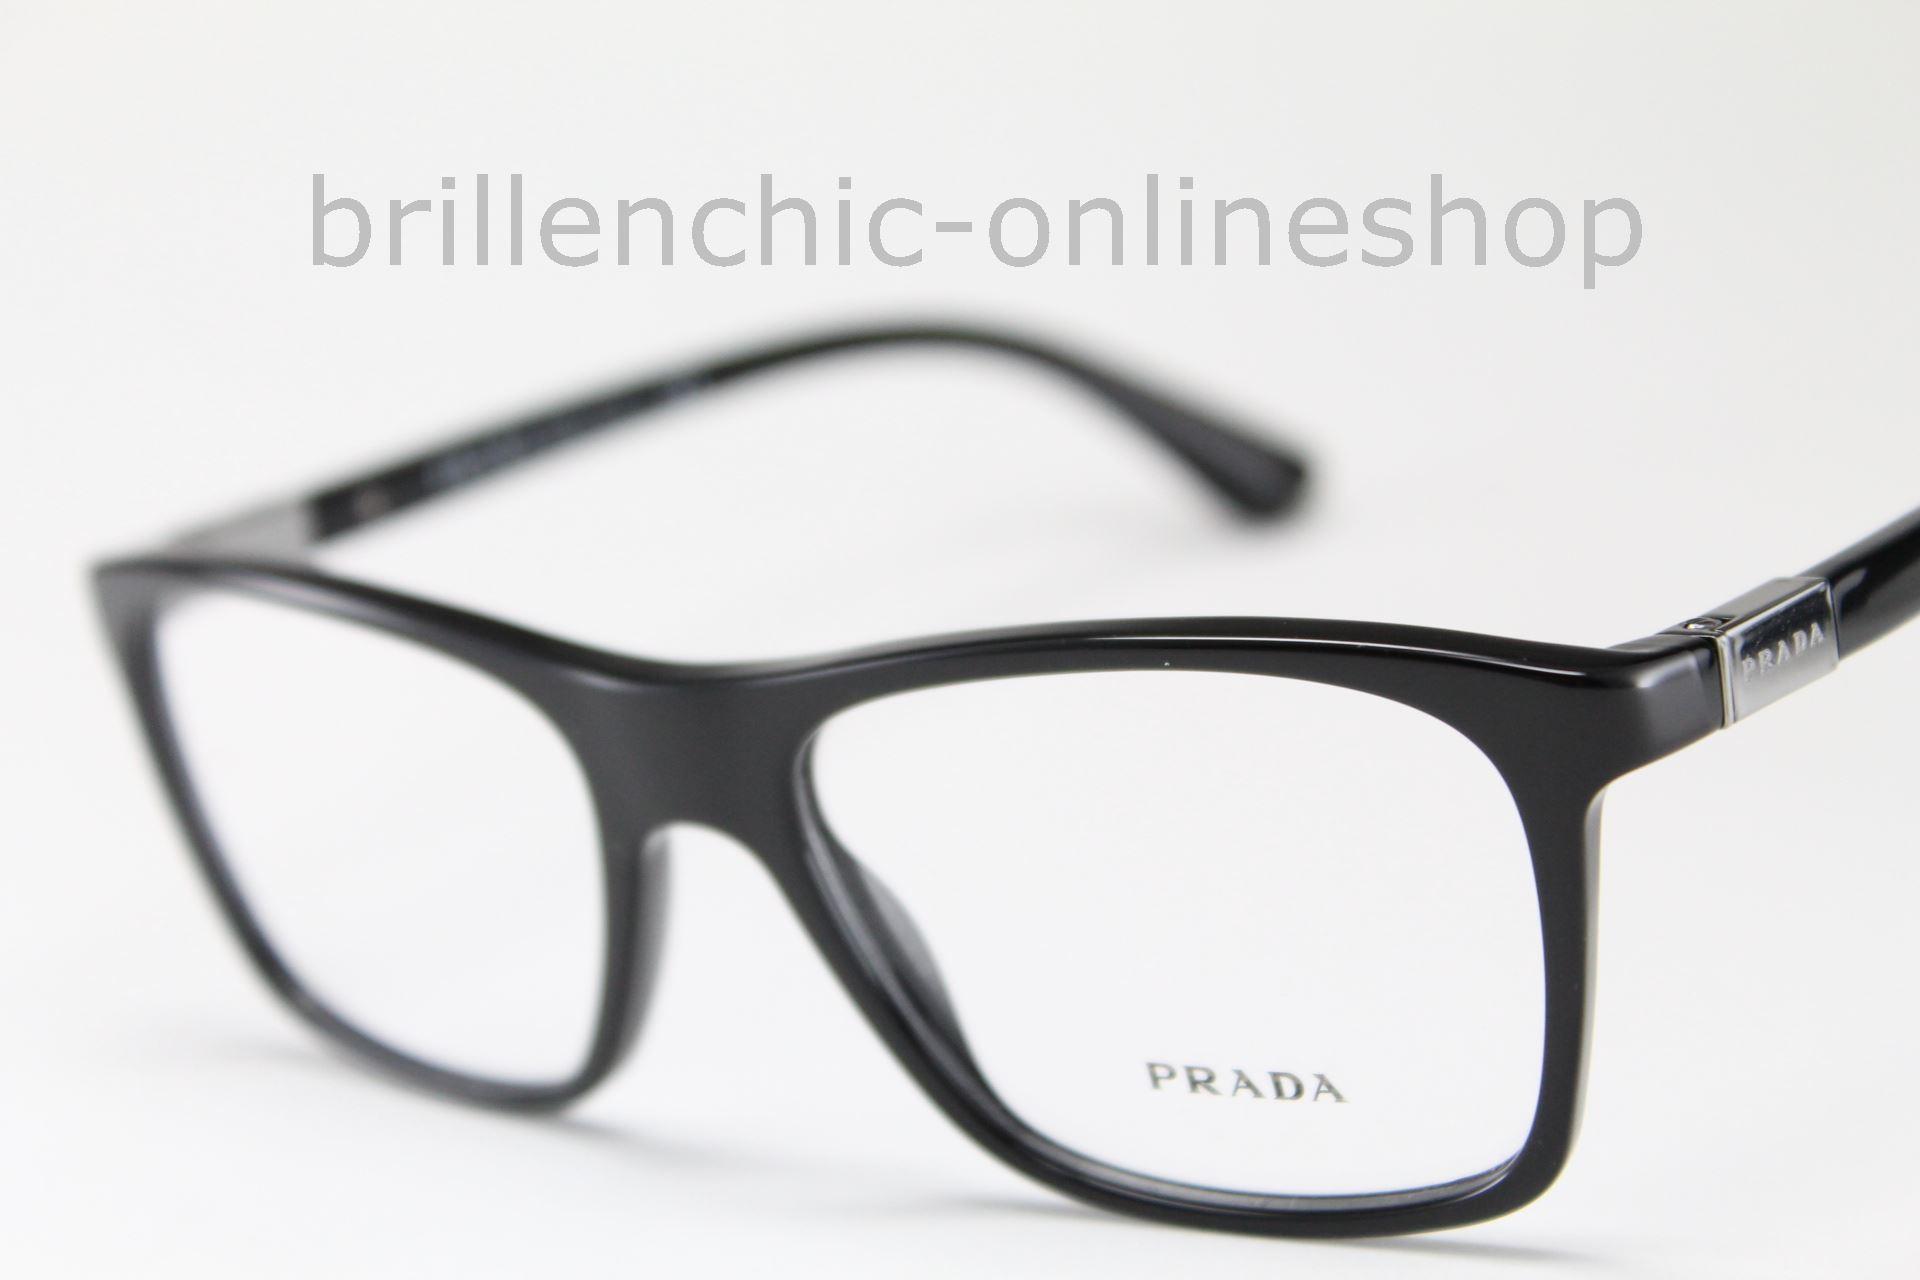 f219026c10dd82 Brillenchic-onlineshop in Berlin - PRADA VPR 05S 1AB-1O1